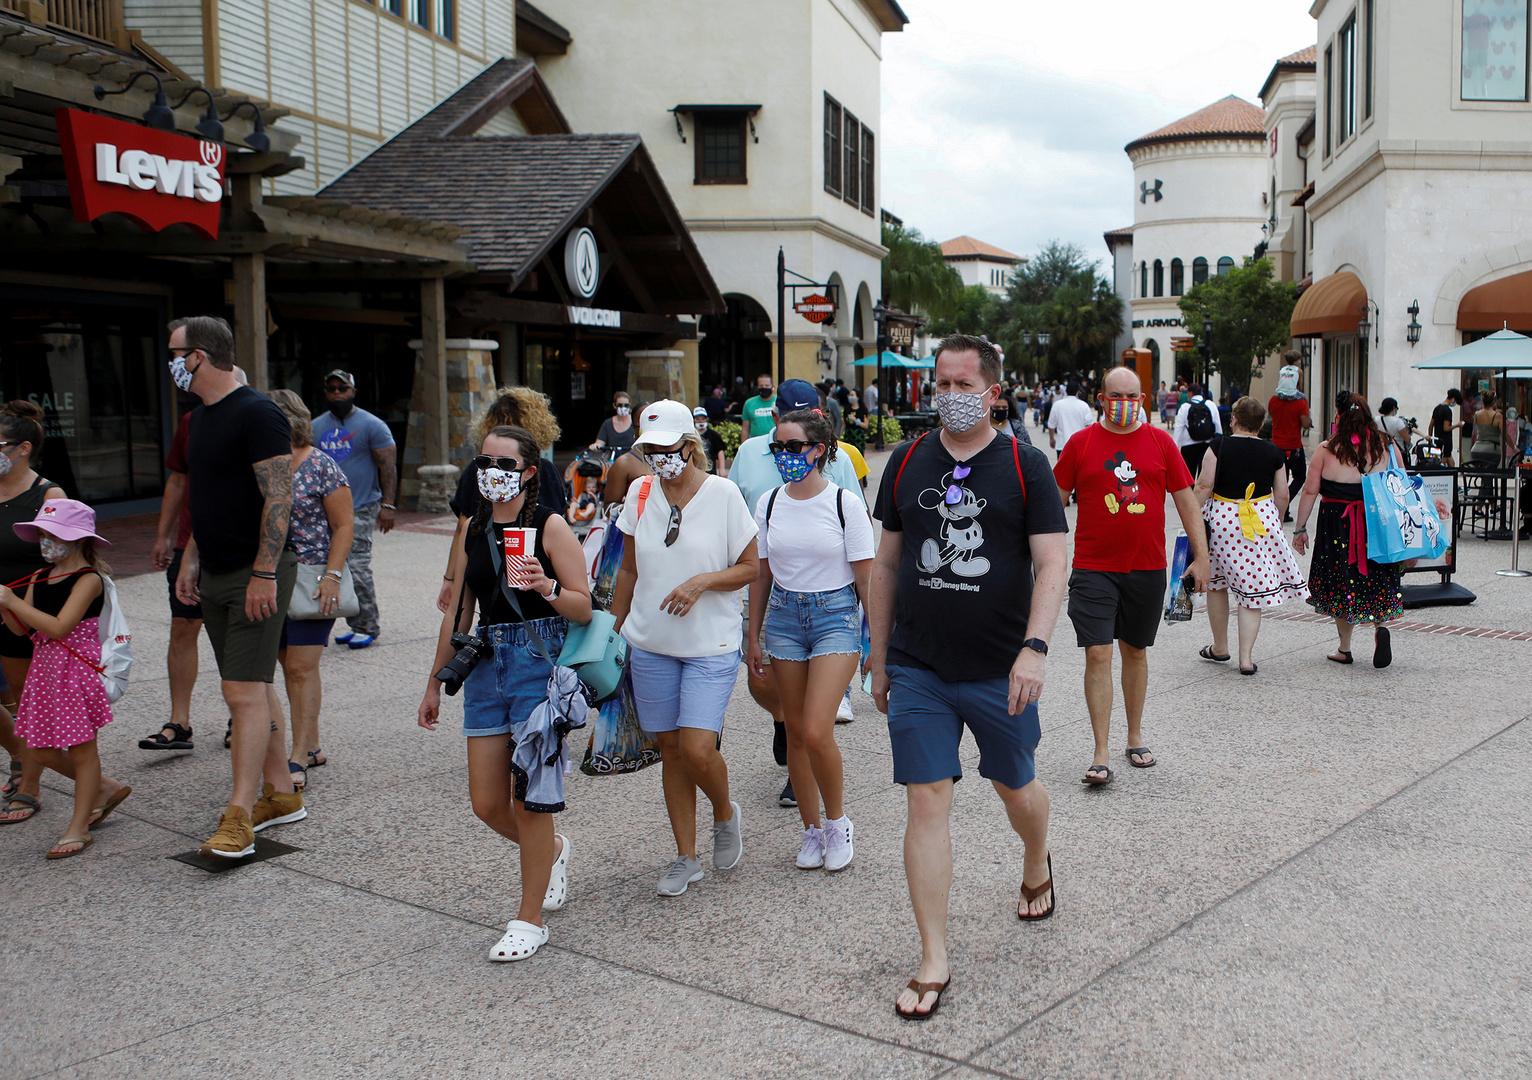 ولاية فلوريدا الأمريكية تسجل ارتفاعا قياسيا في الإصابات بكورونا